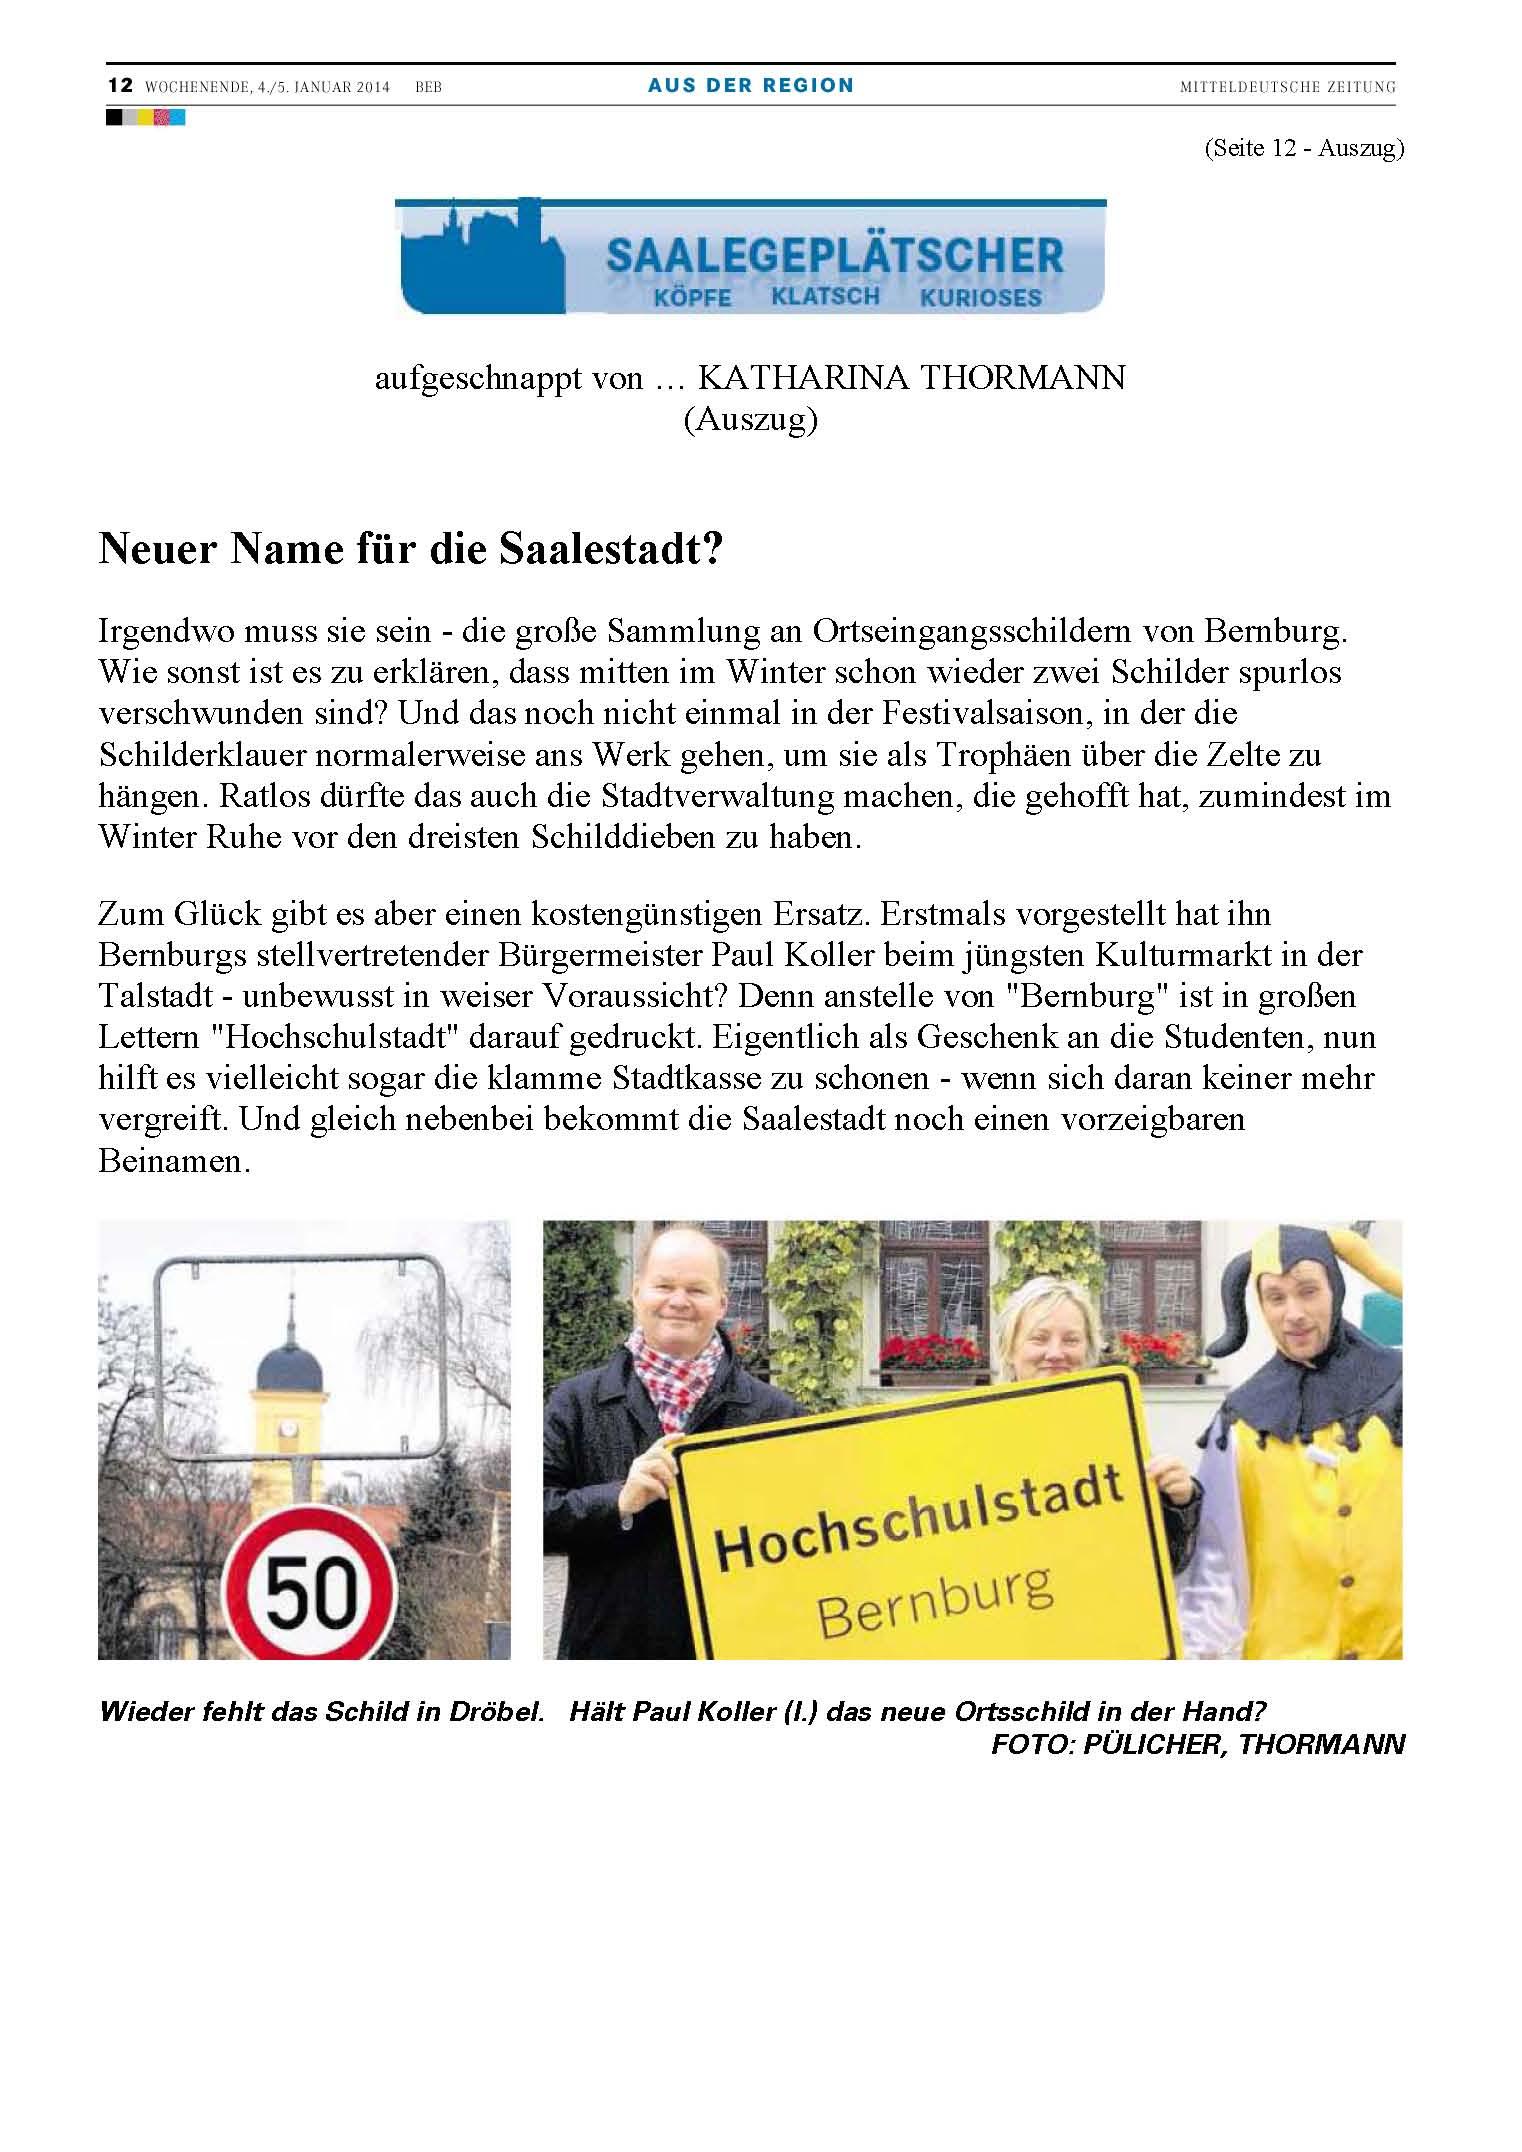 Schild_Hochschulstadt_Saalegeplätscher